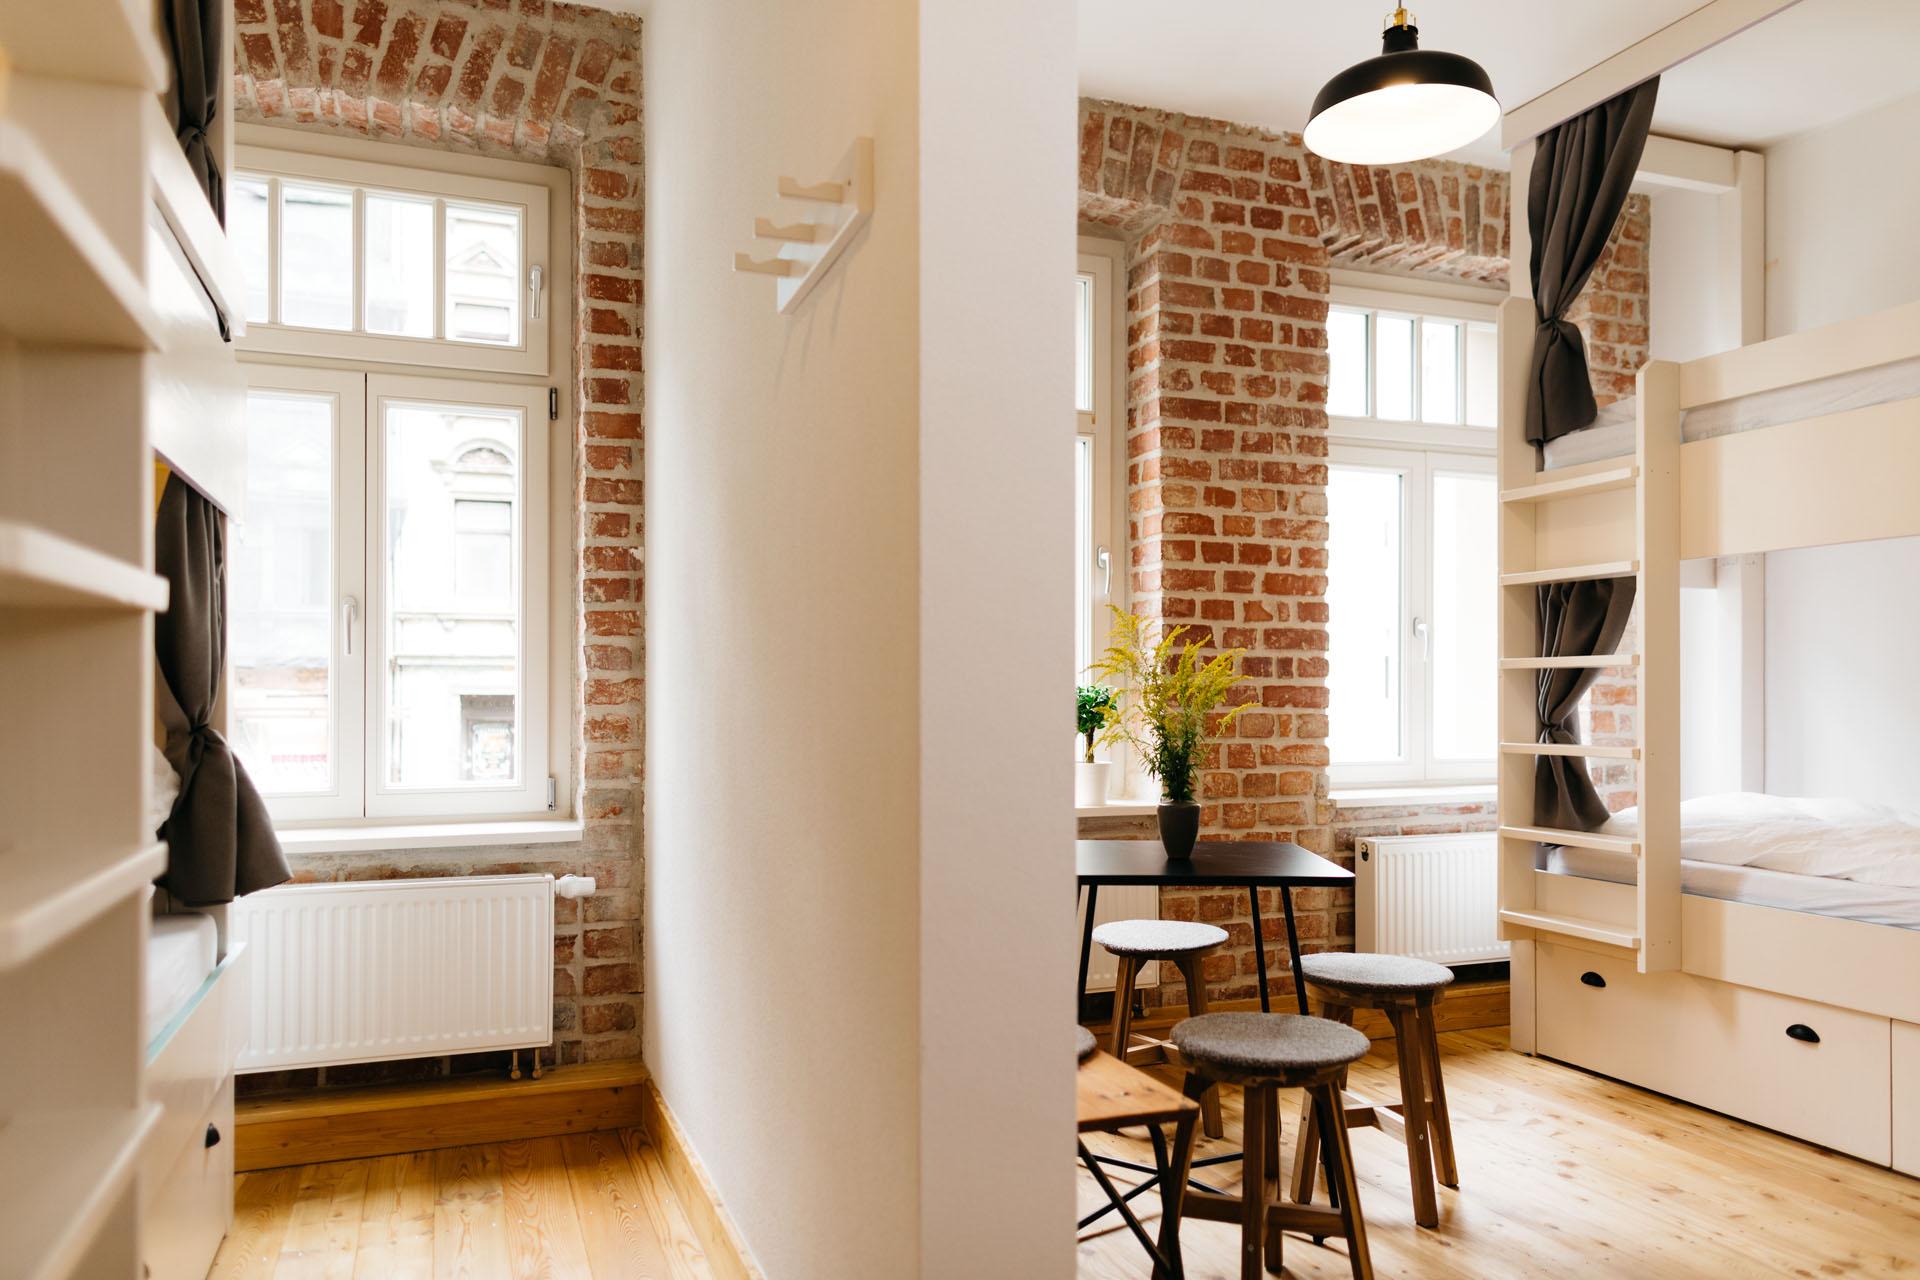 Blick auf ein großes 10er Zimmer mit den Doppelbetten links und rechts im Bild an den Wänden und einer Trennwand neben der Tisch und Stühle stehen.